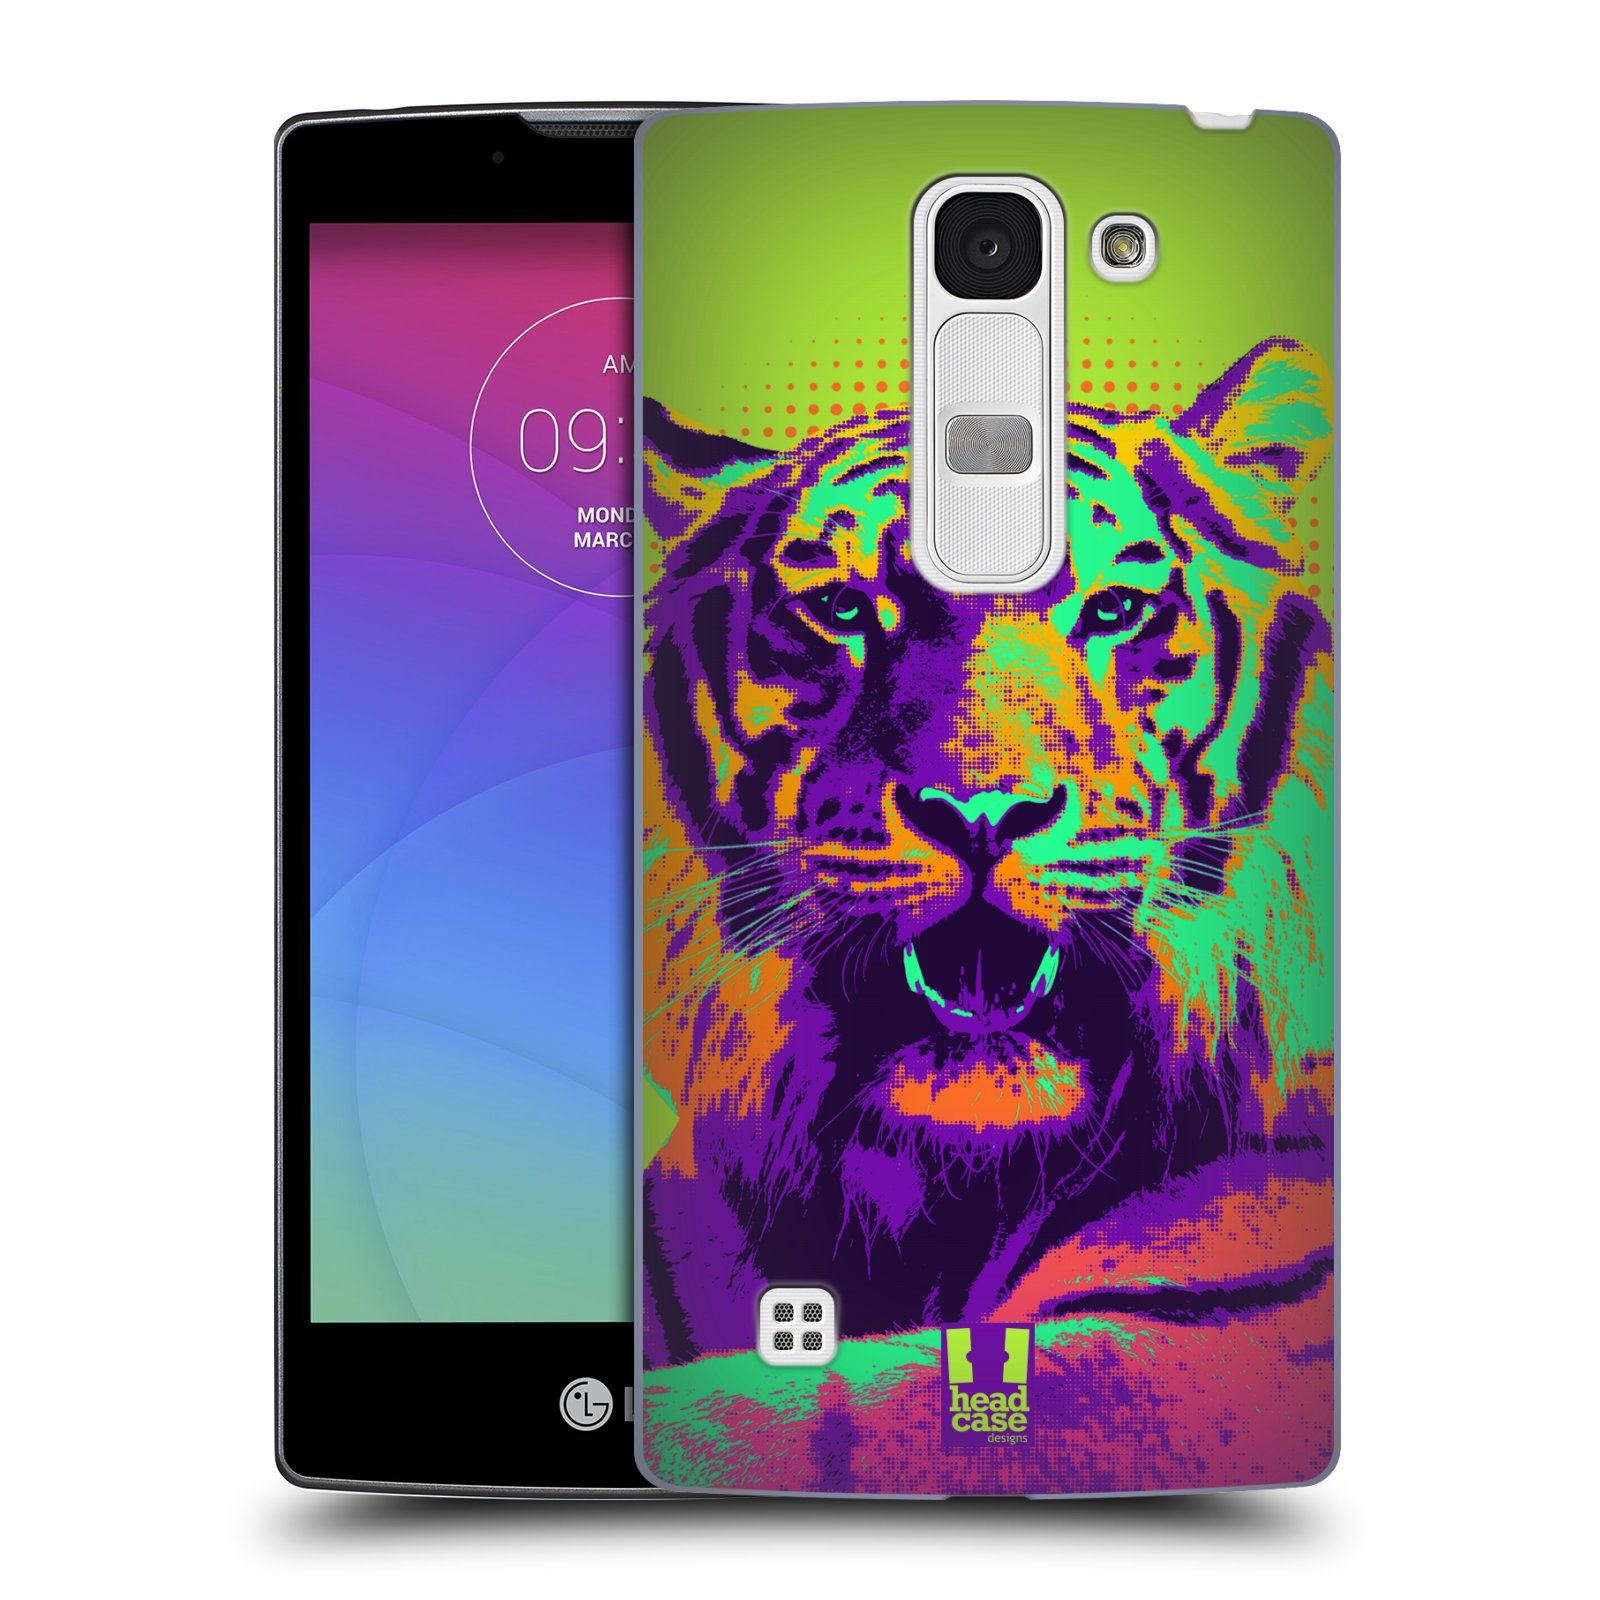 Plastové pouzdro na mobil LG Spirit LTE HEAD CASE POP PRINT TYGR (Kryt či obal na mobilní telefon LG Spirit H420 a LG Spirit LTE H440N)